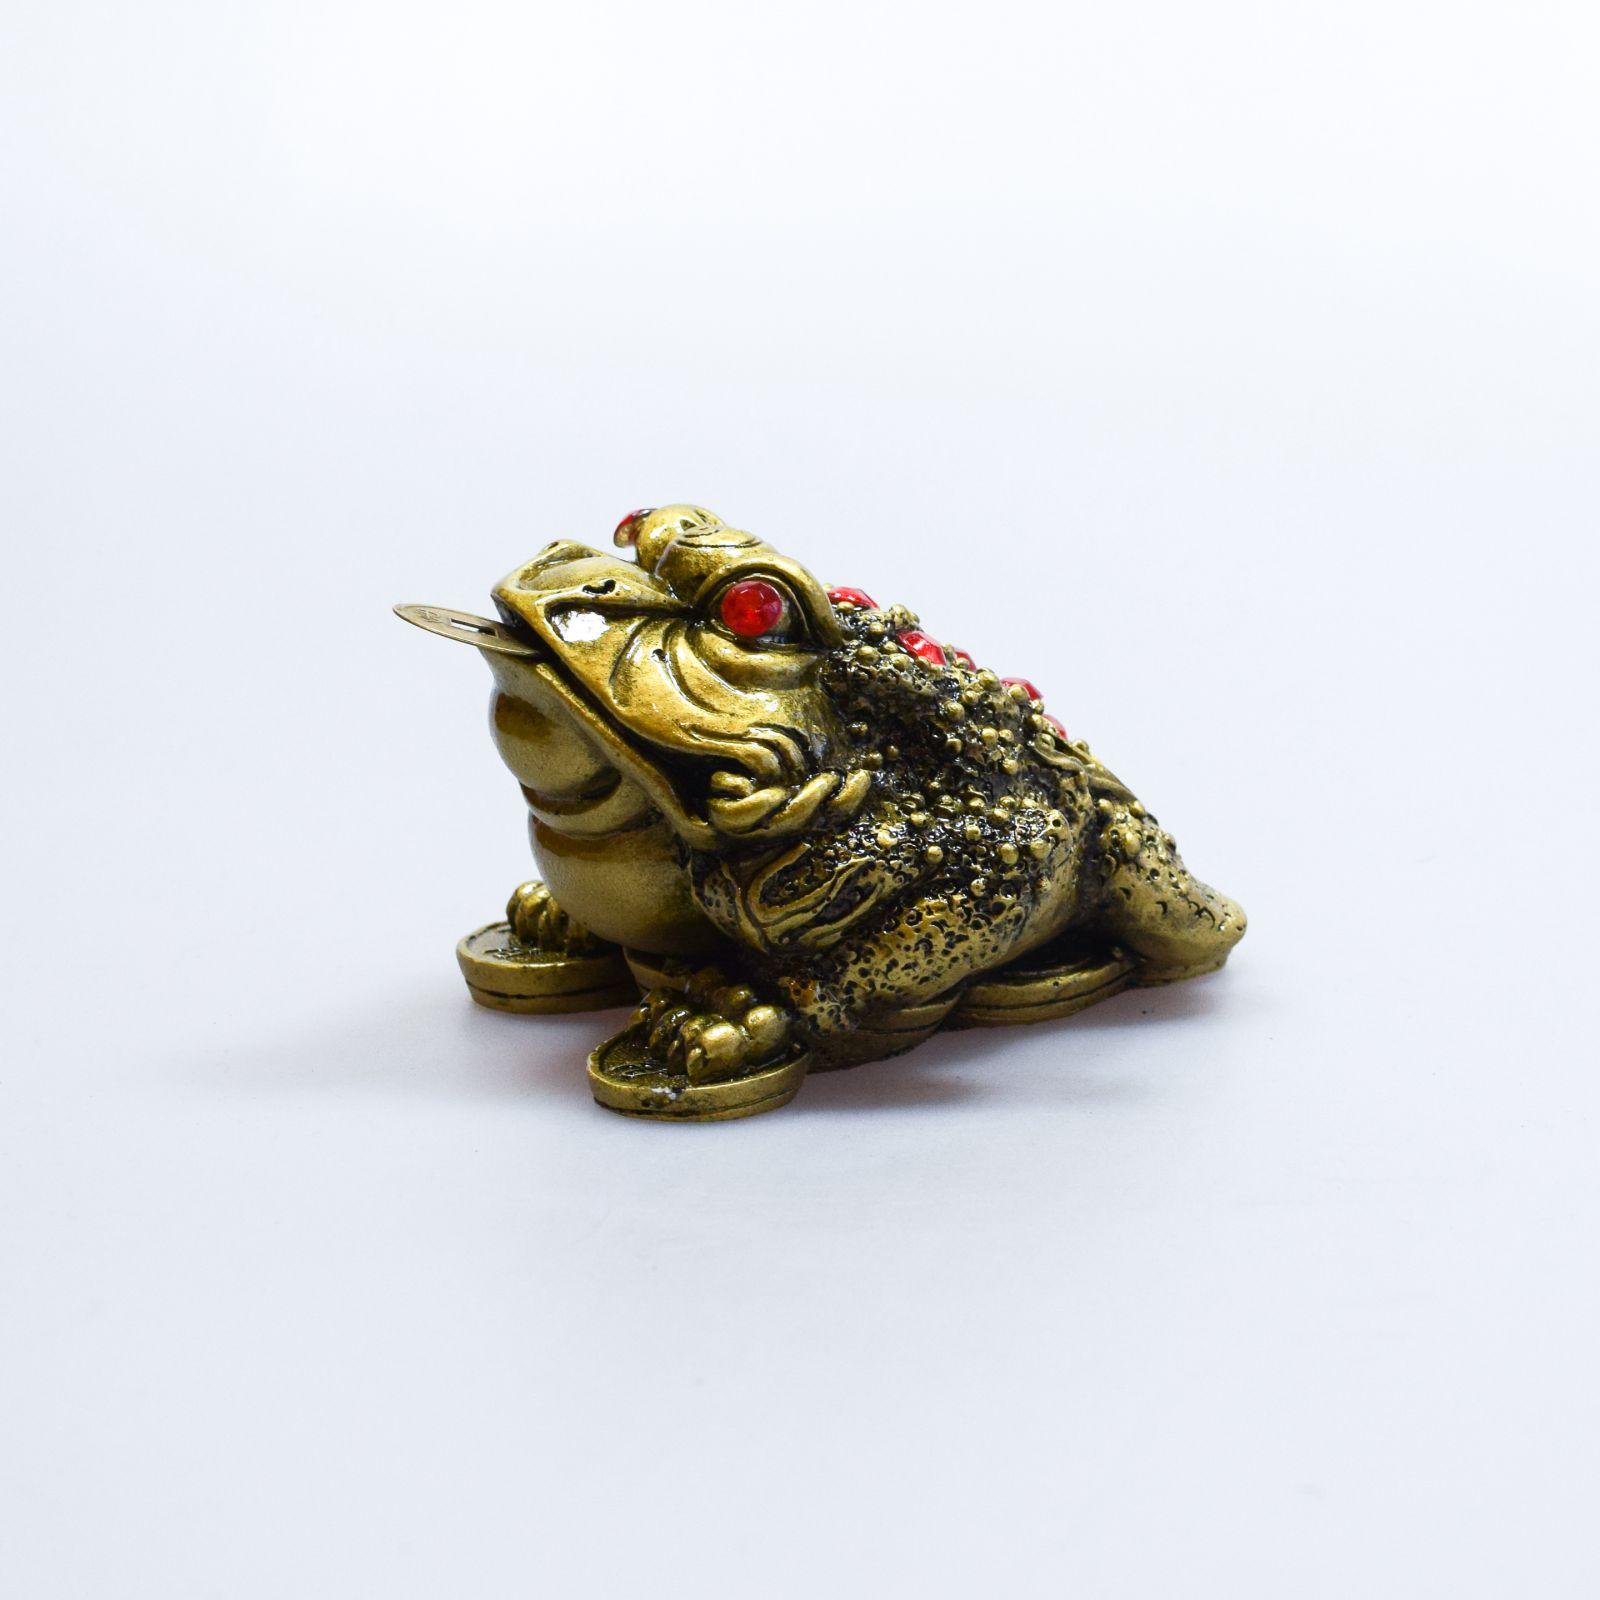 Soška Žába resin třínohá s mincí 8 cm